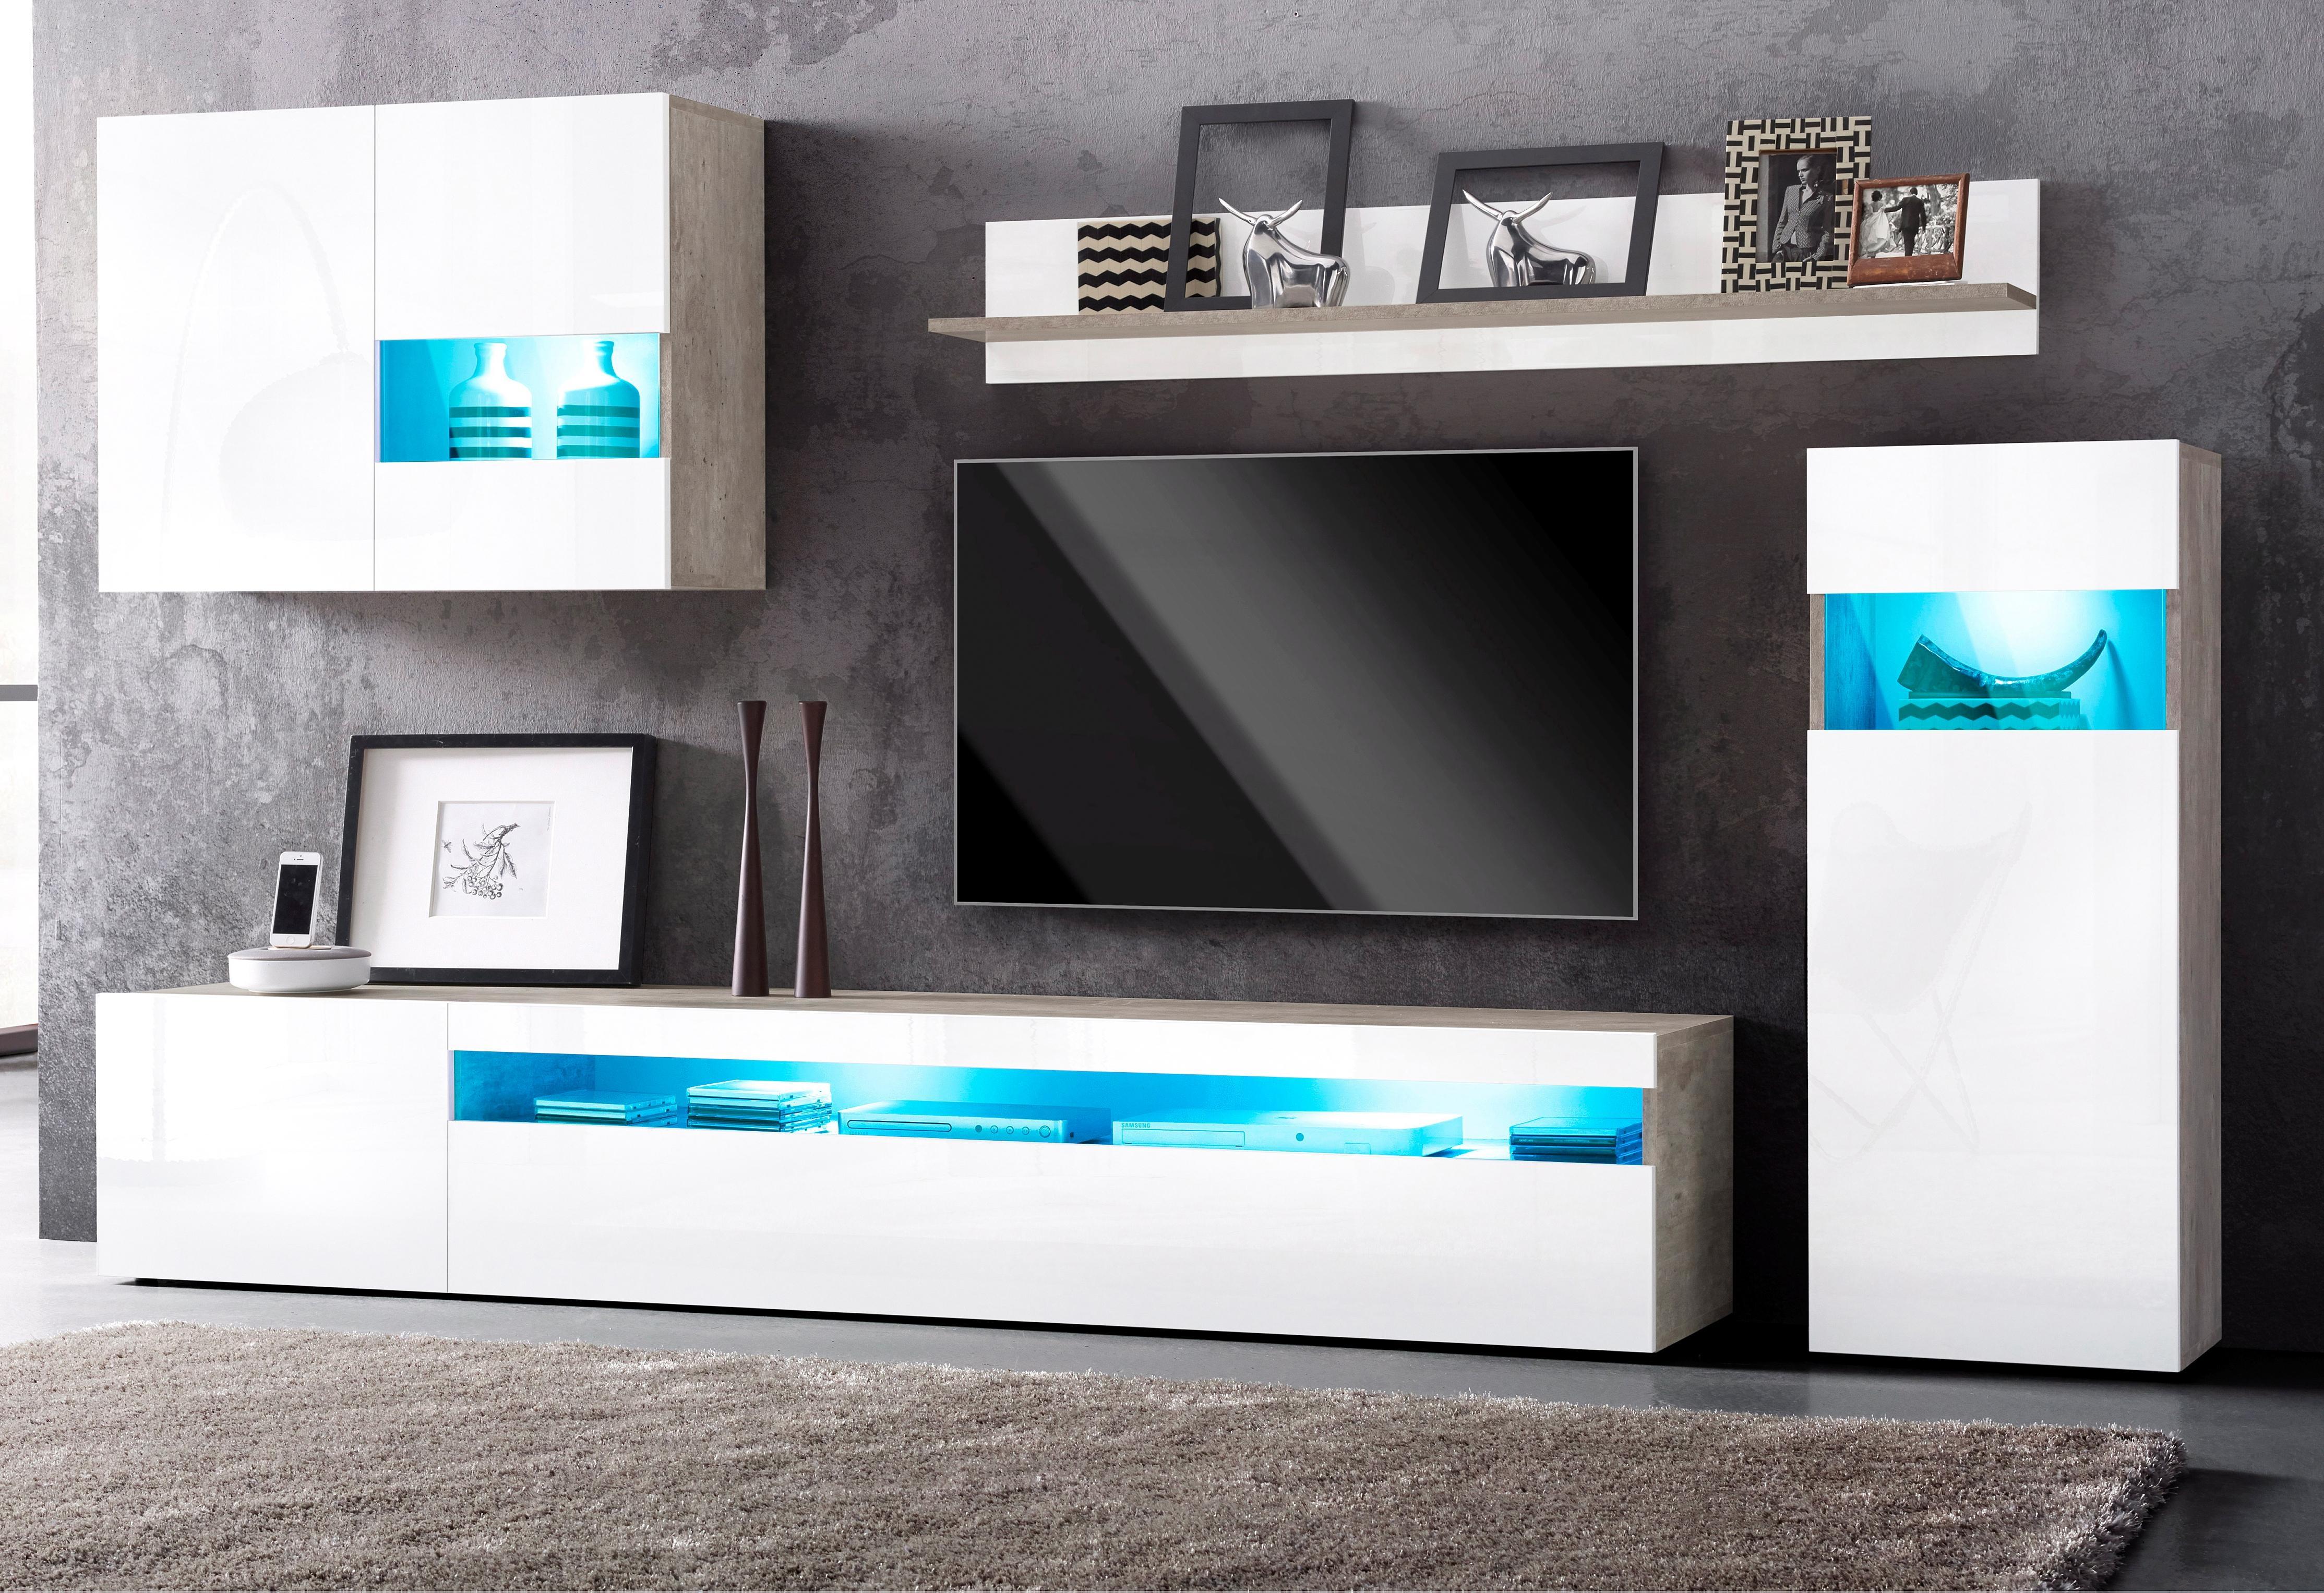 Ikea Tv Meubel Op Wieltjes.Tv Meubel Online Kopen Ruim 400 Tv Meubels Otto